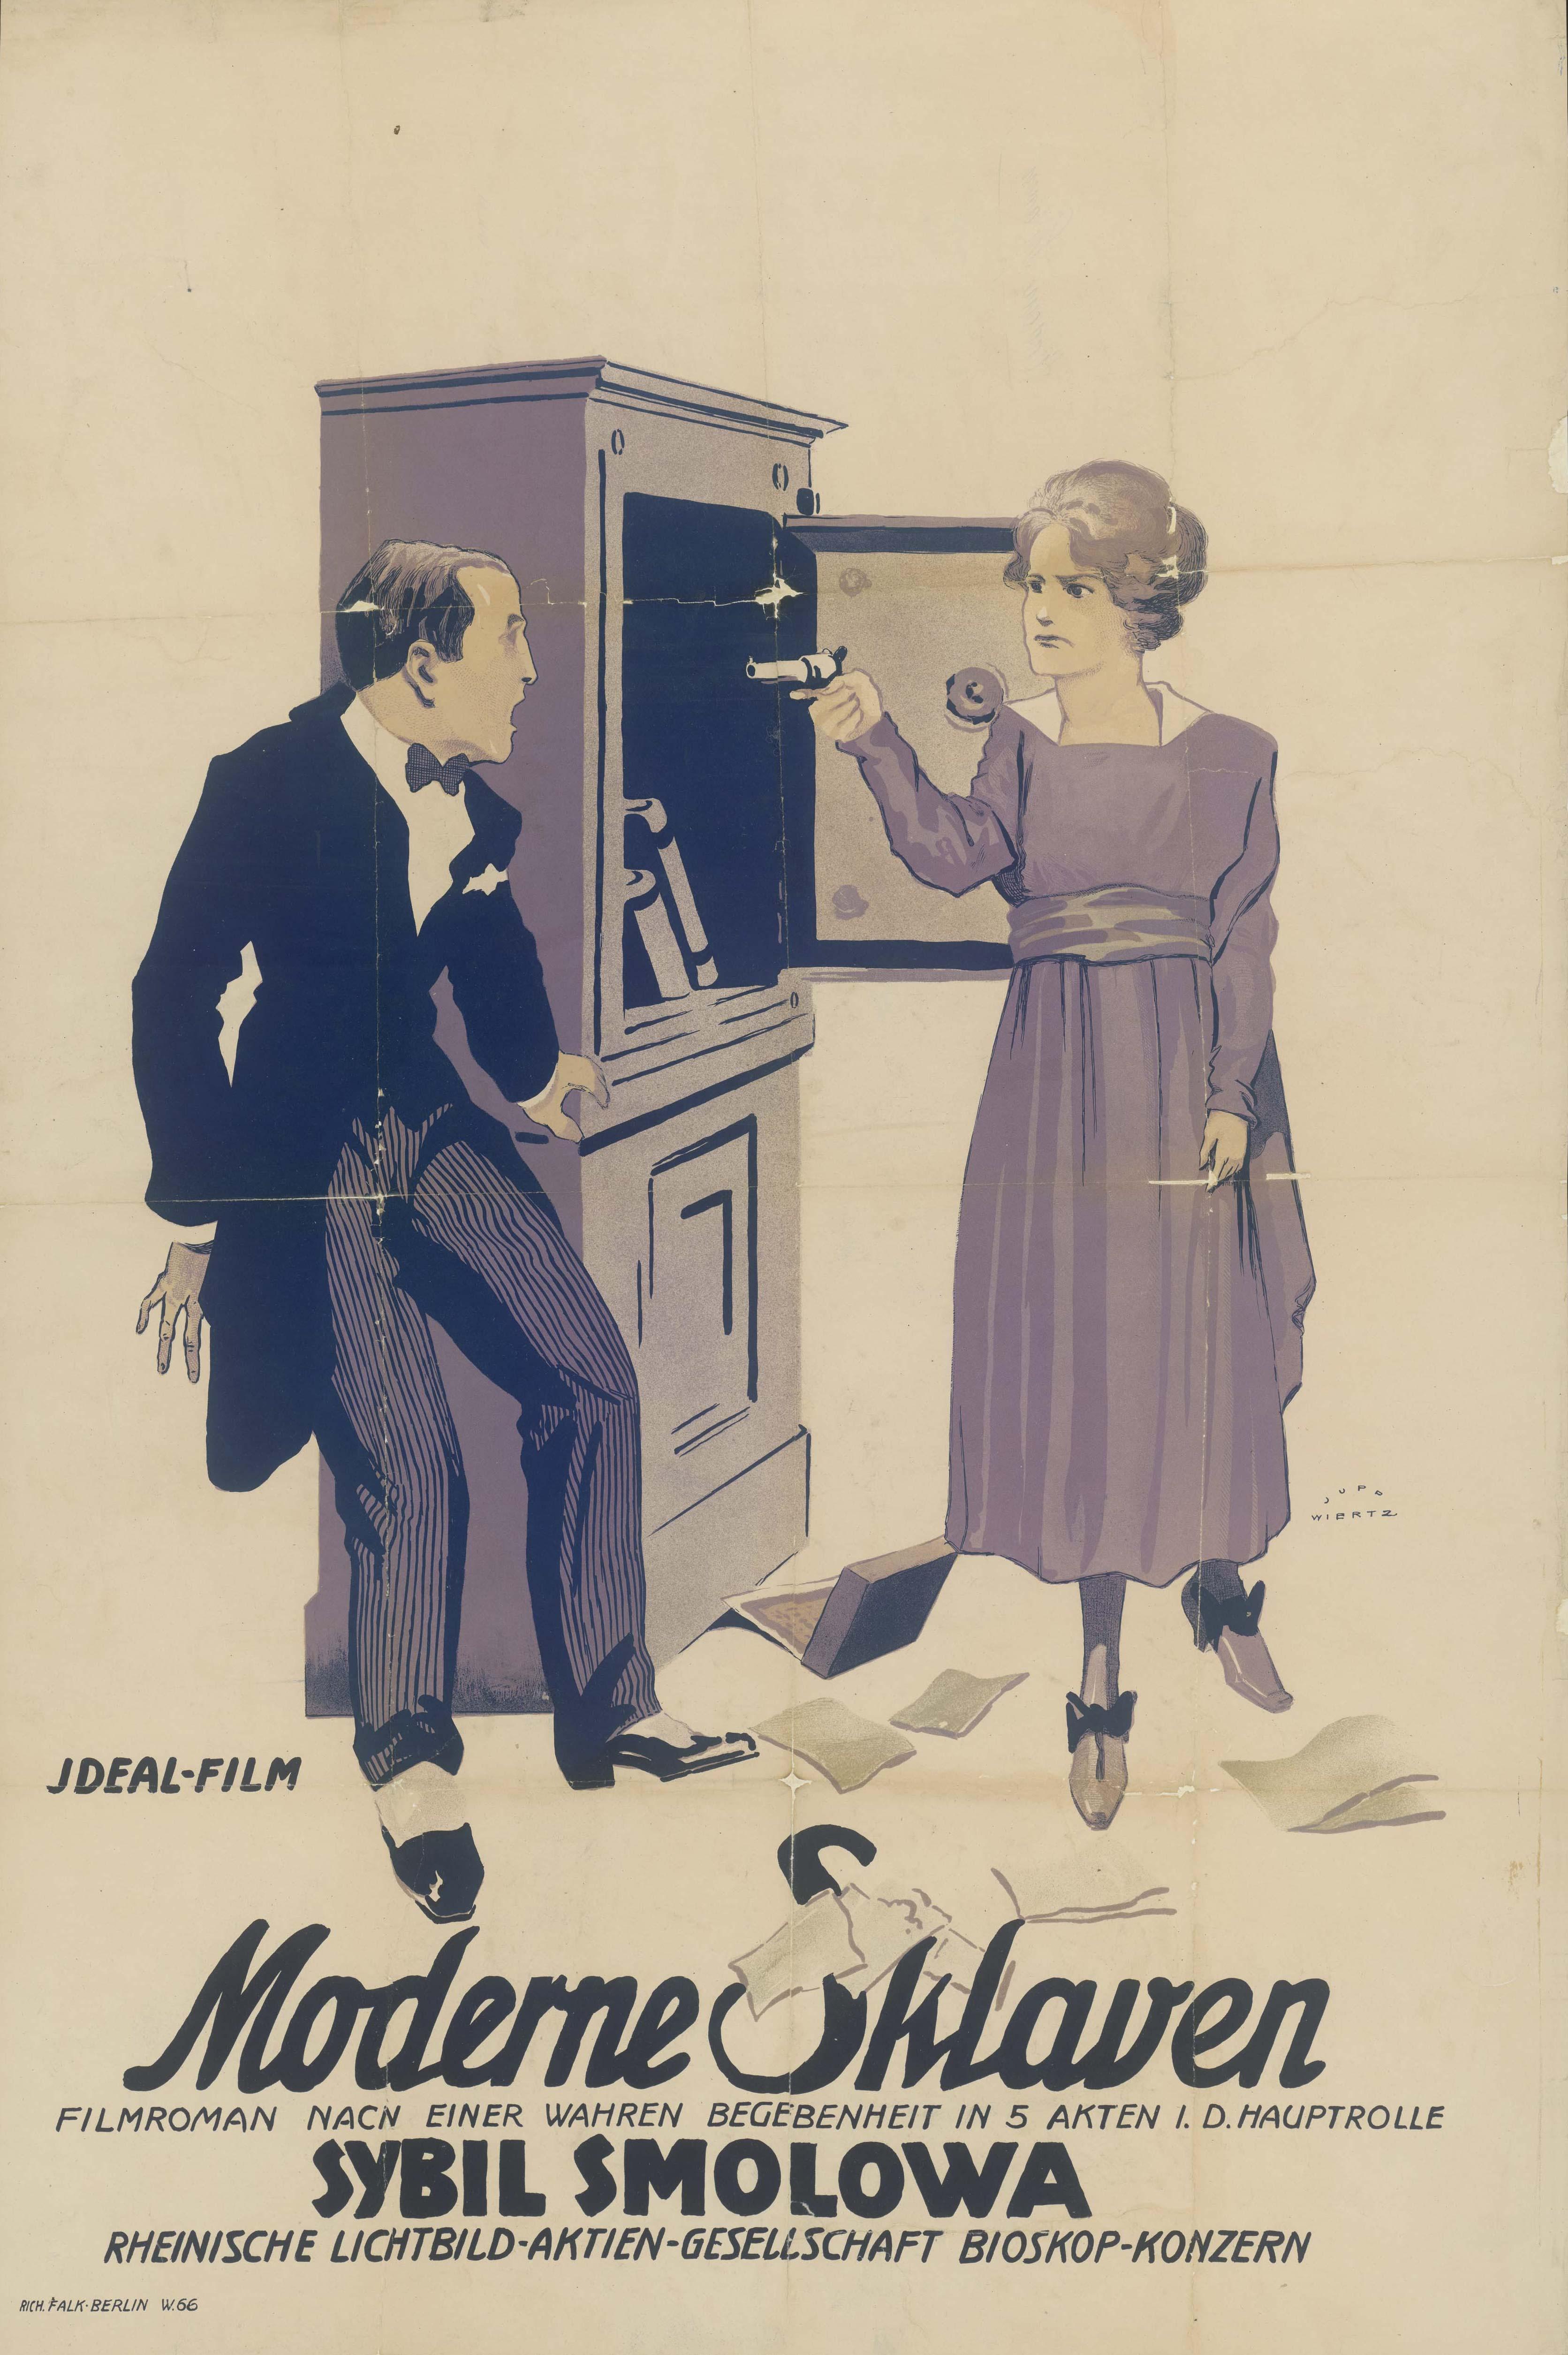 Filmplakat zu dem Film Moderne Sklaven, Deutschland 1920